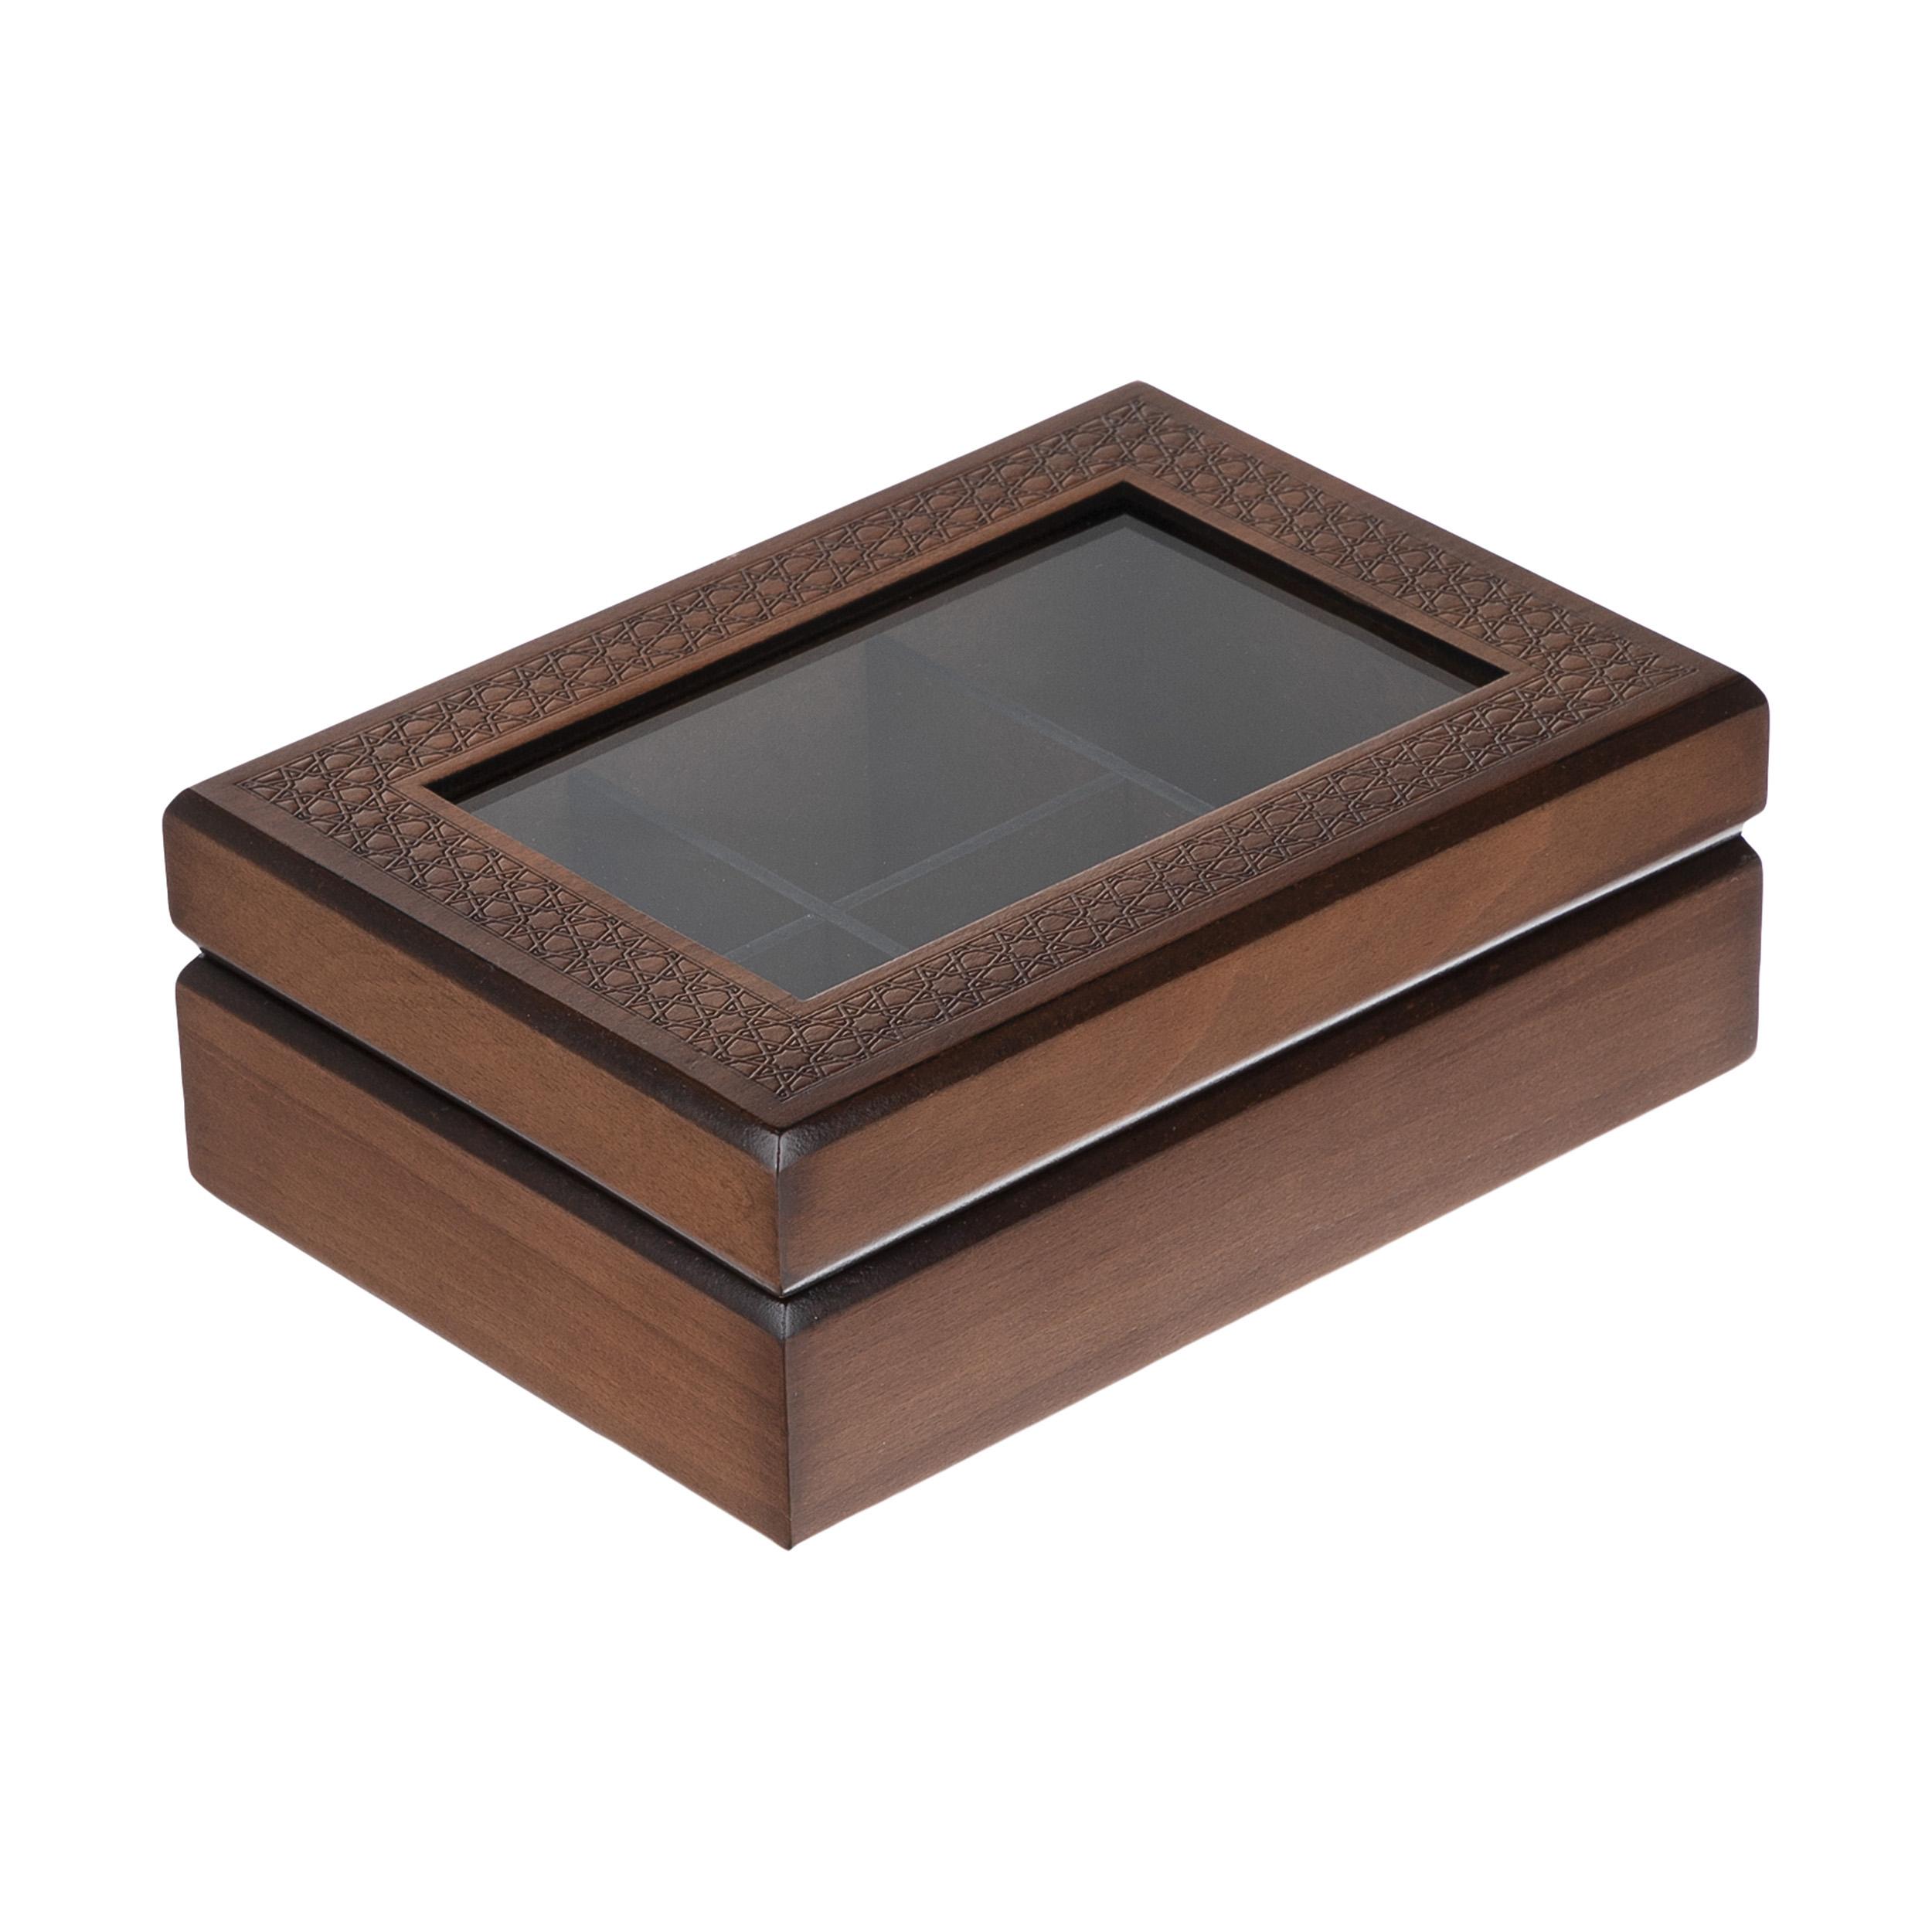 جعبه هدیه هُم آدیس مدل خاتم کد BT 024